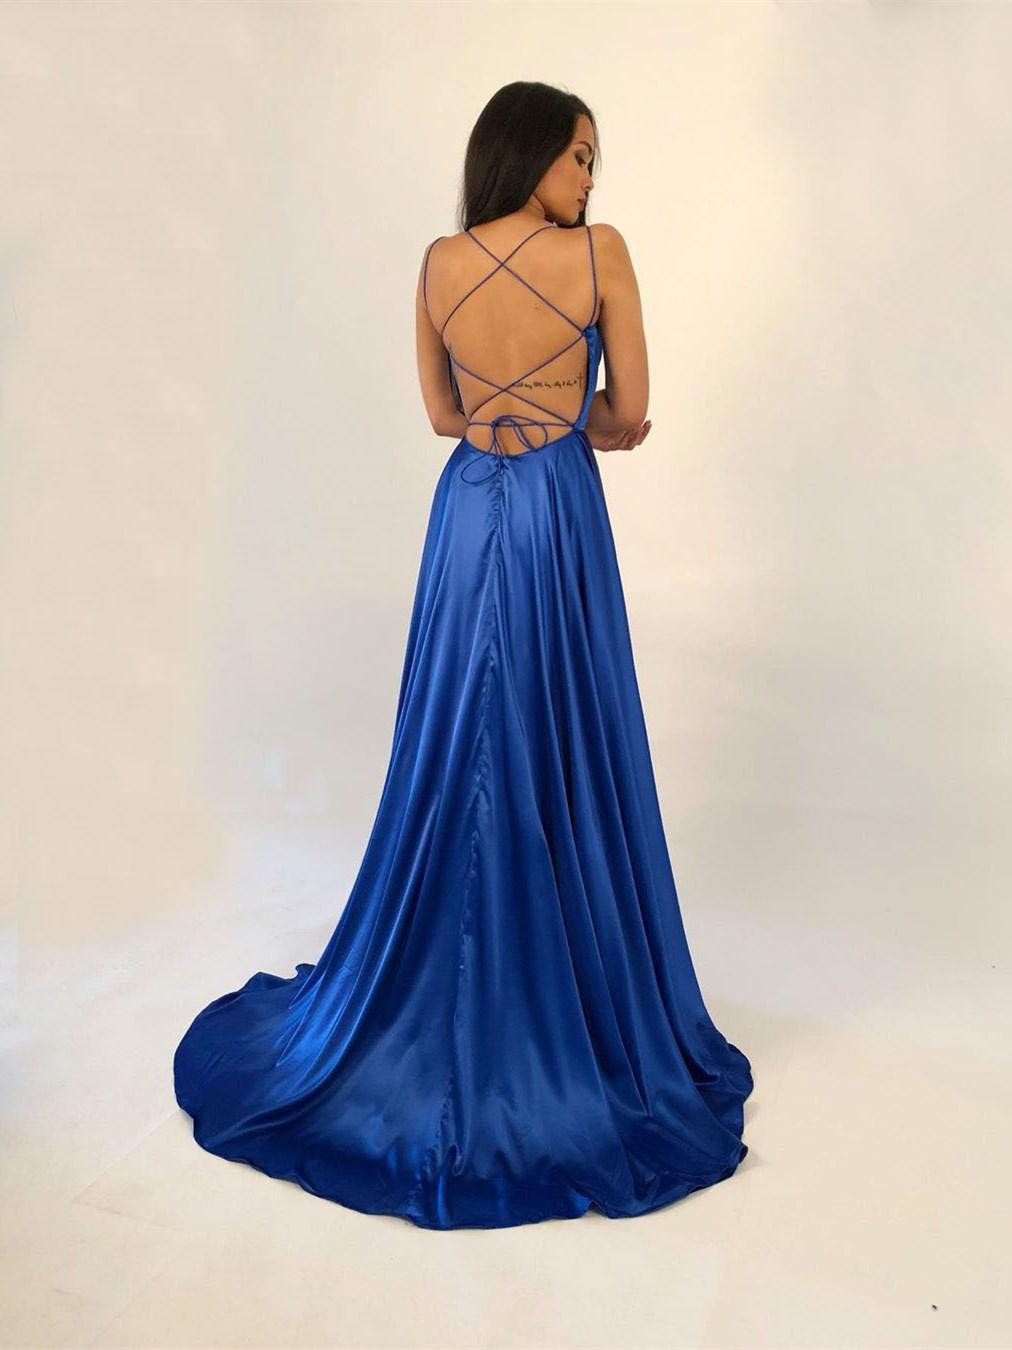 rückenfreies abendkleid lang royalblau seide satin mit schleppe gekreuzten  trägern